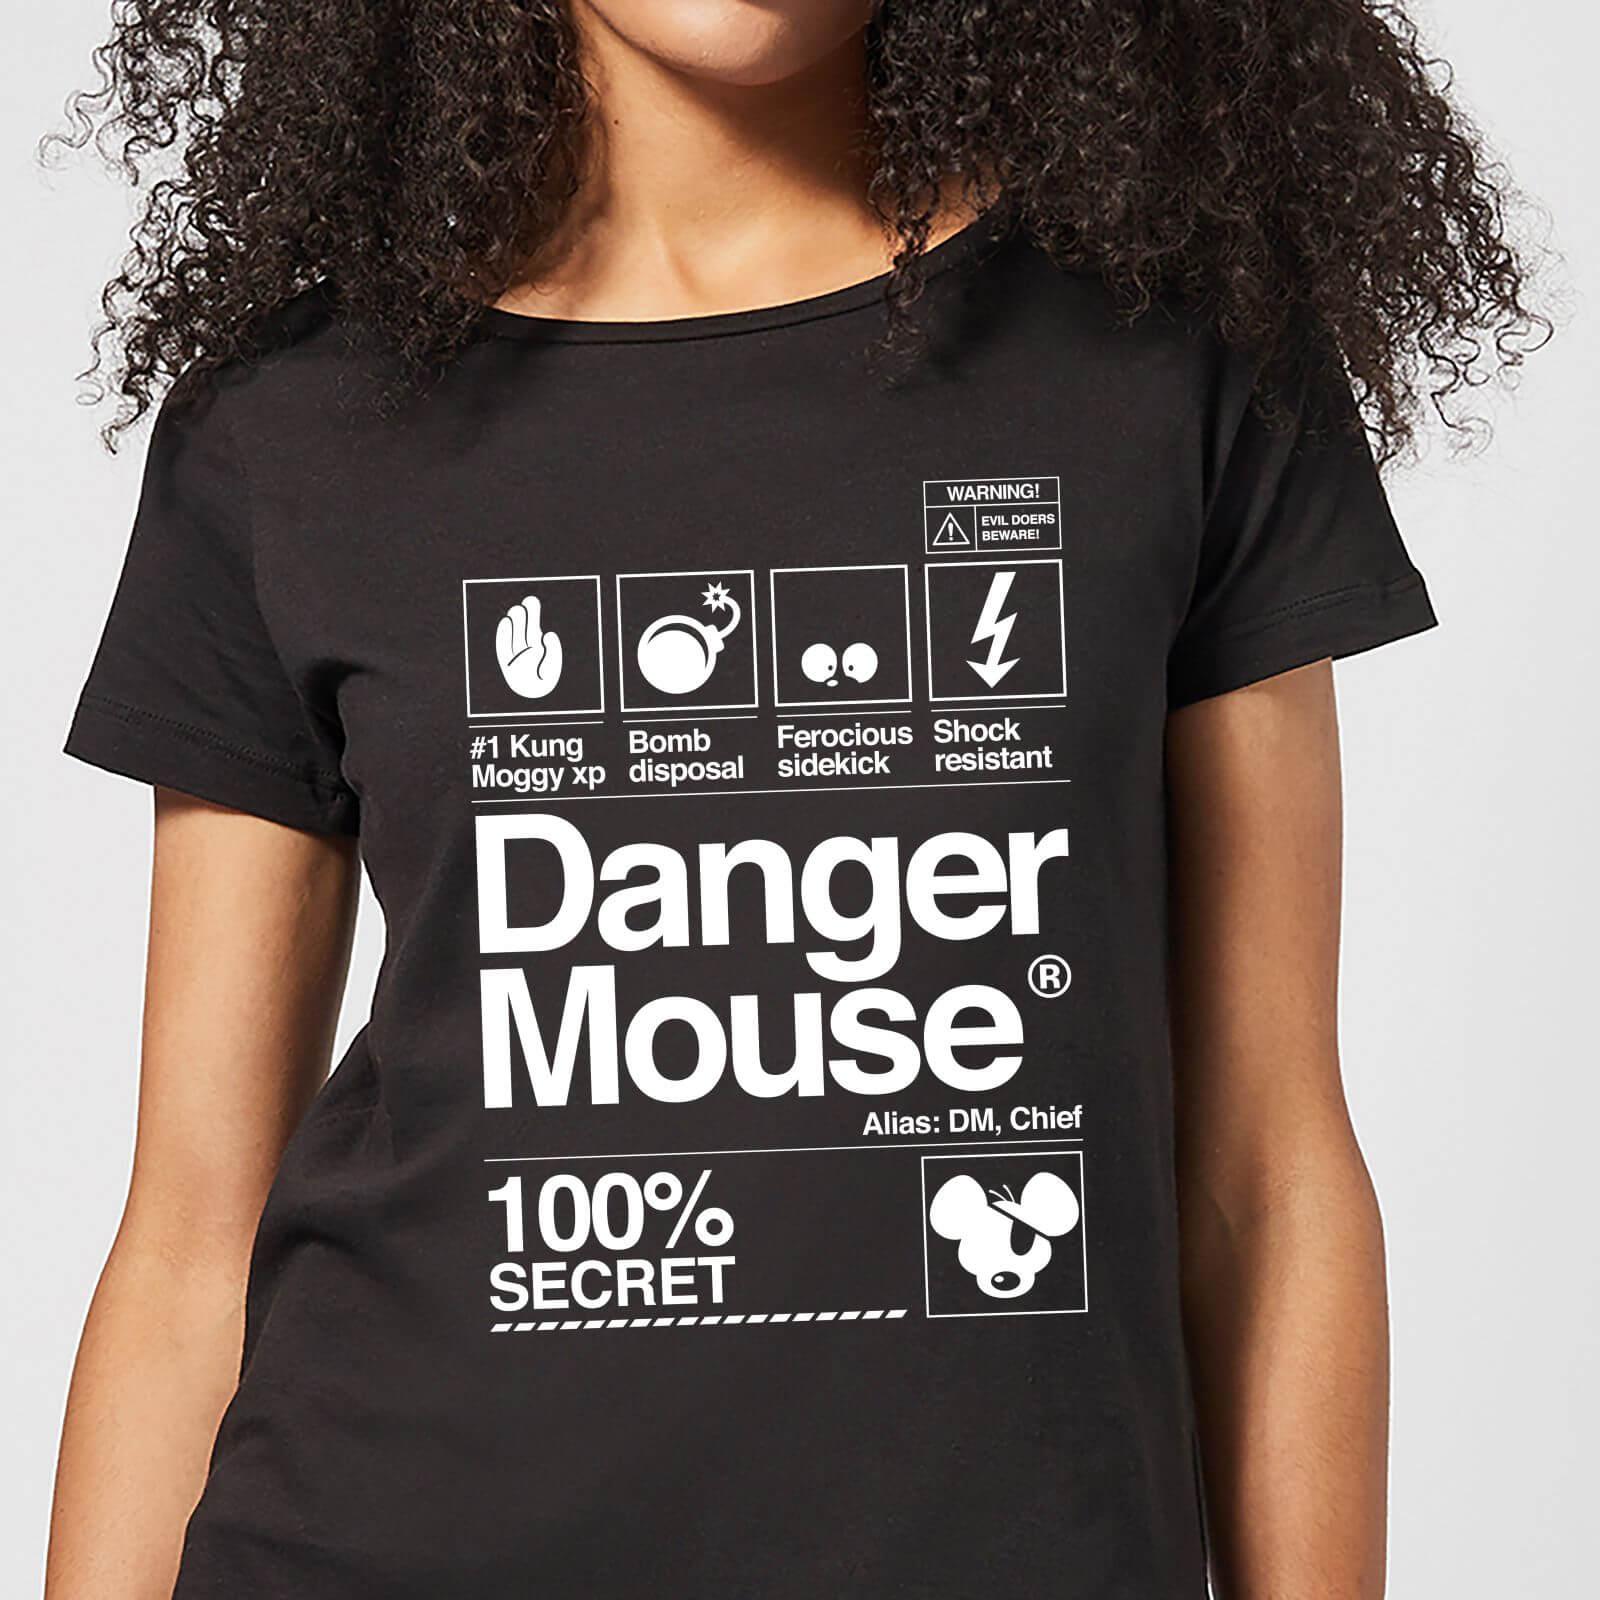 1c955f849cdd Danger Mouse 100% Secret Women s T-Shirt - Black Clothing